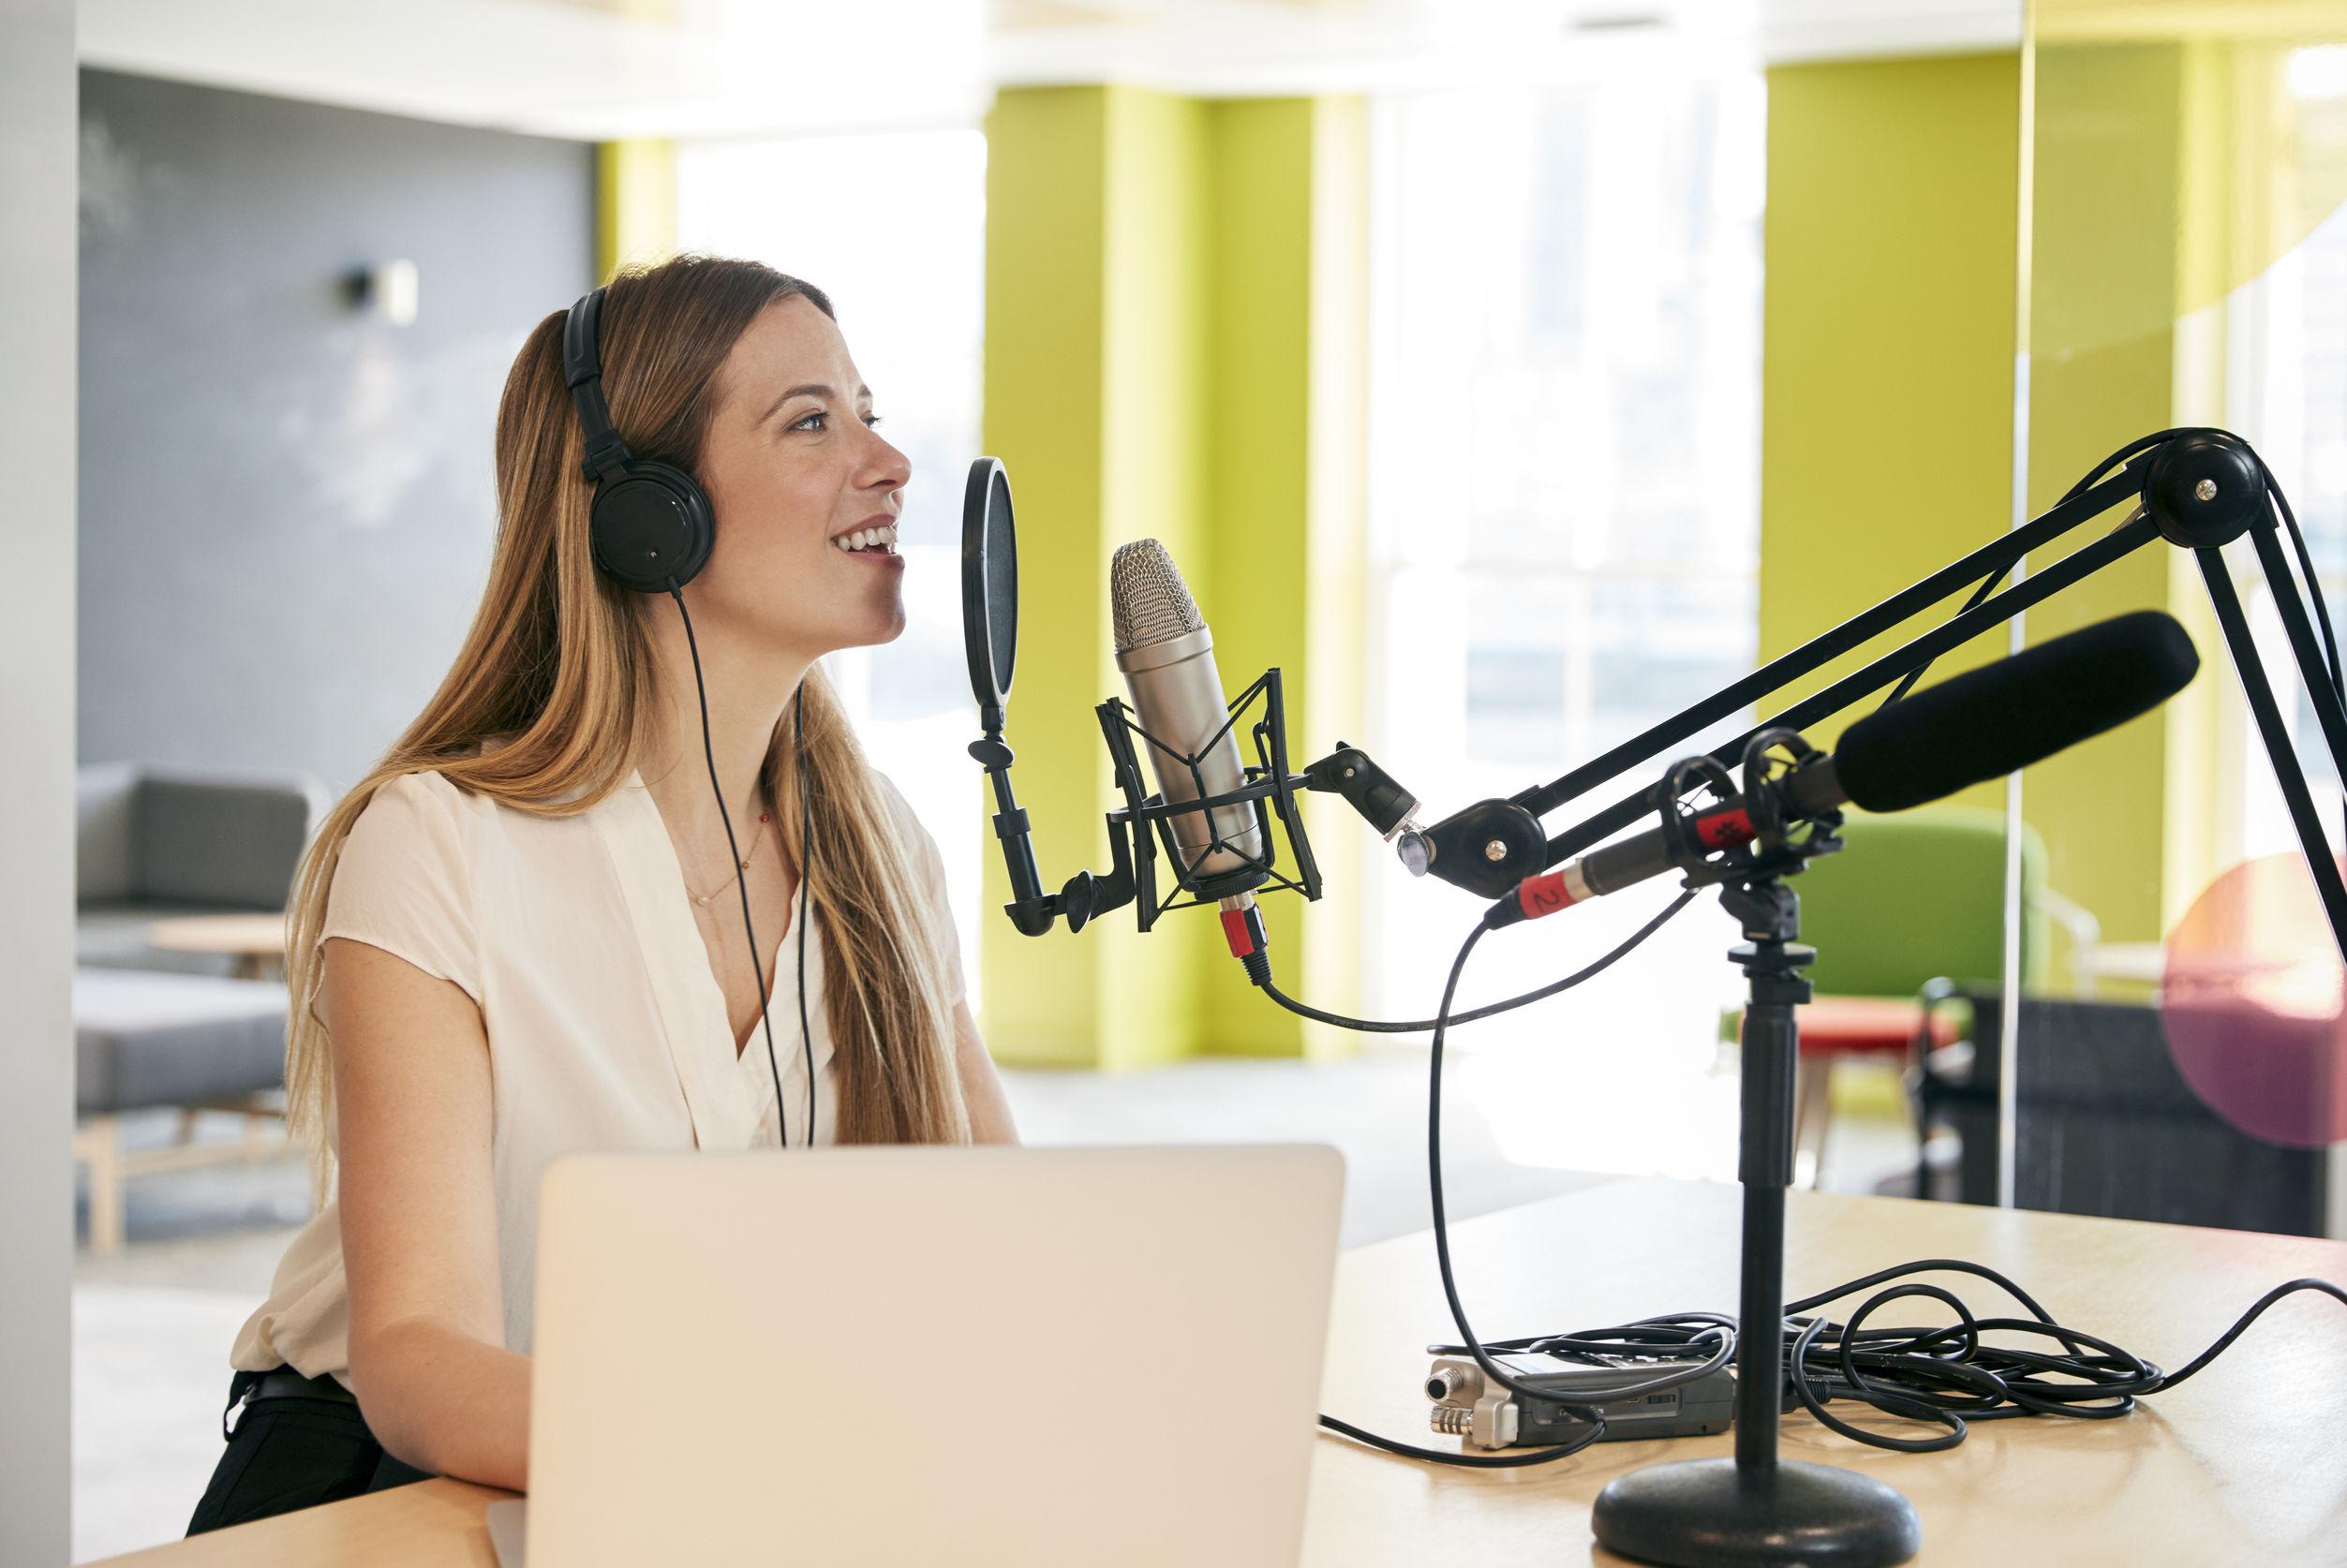 Mujer hablando por microfono